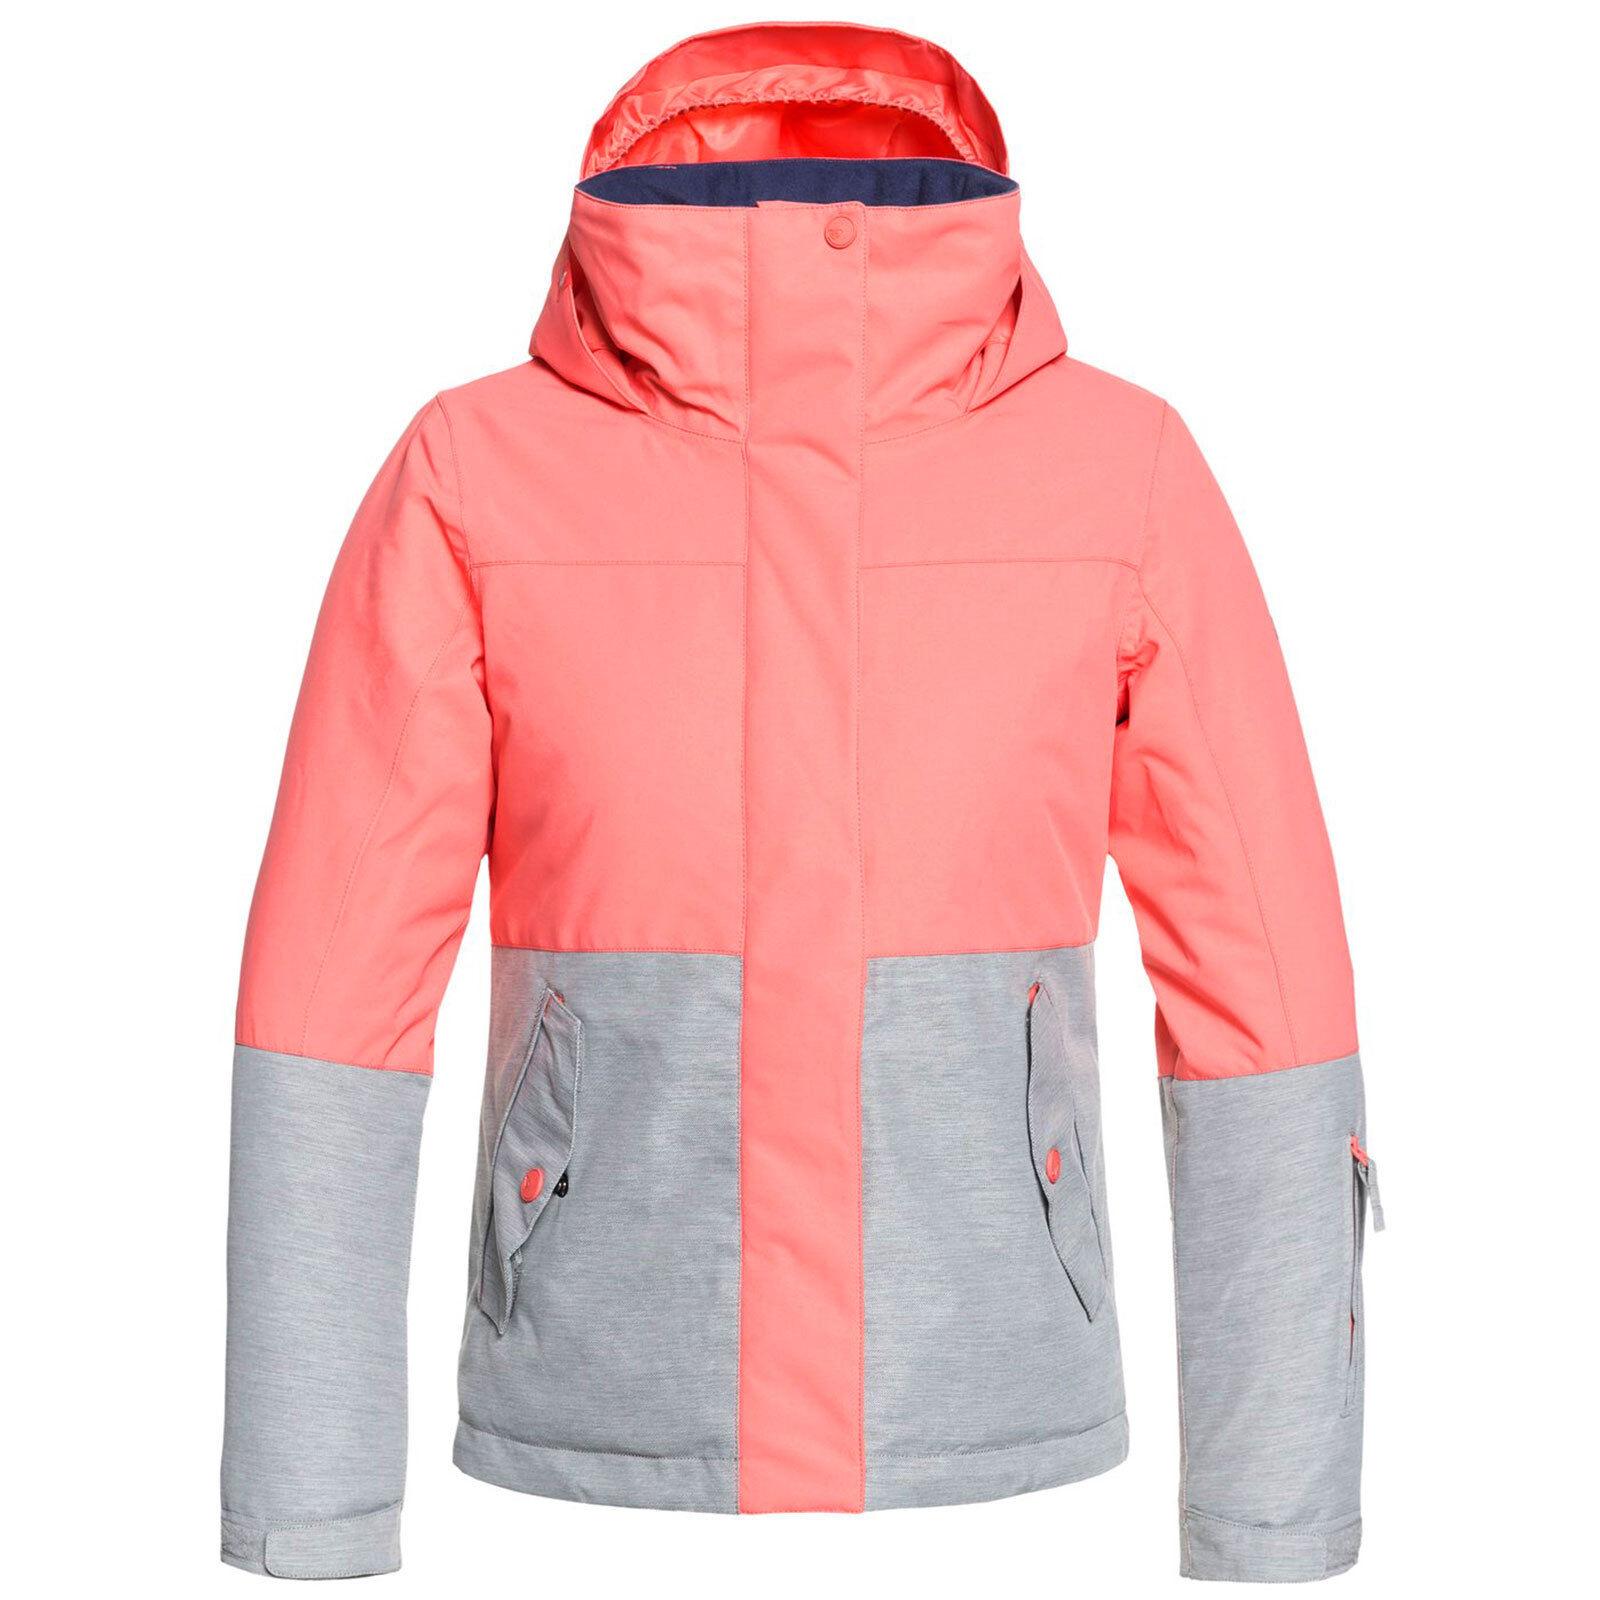 Roxy Jetty Blocco Ragazza Bambini Giacca Invernale Snowboard da Sci Invernale Giacca Funzionale 72568b